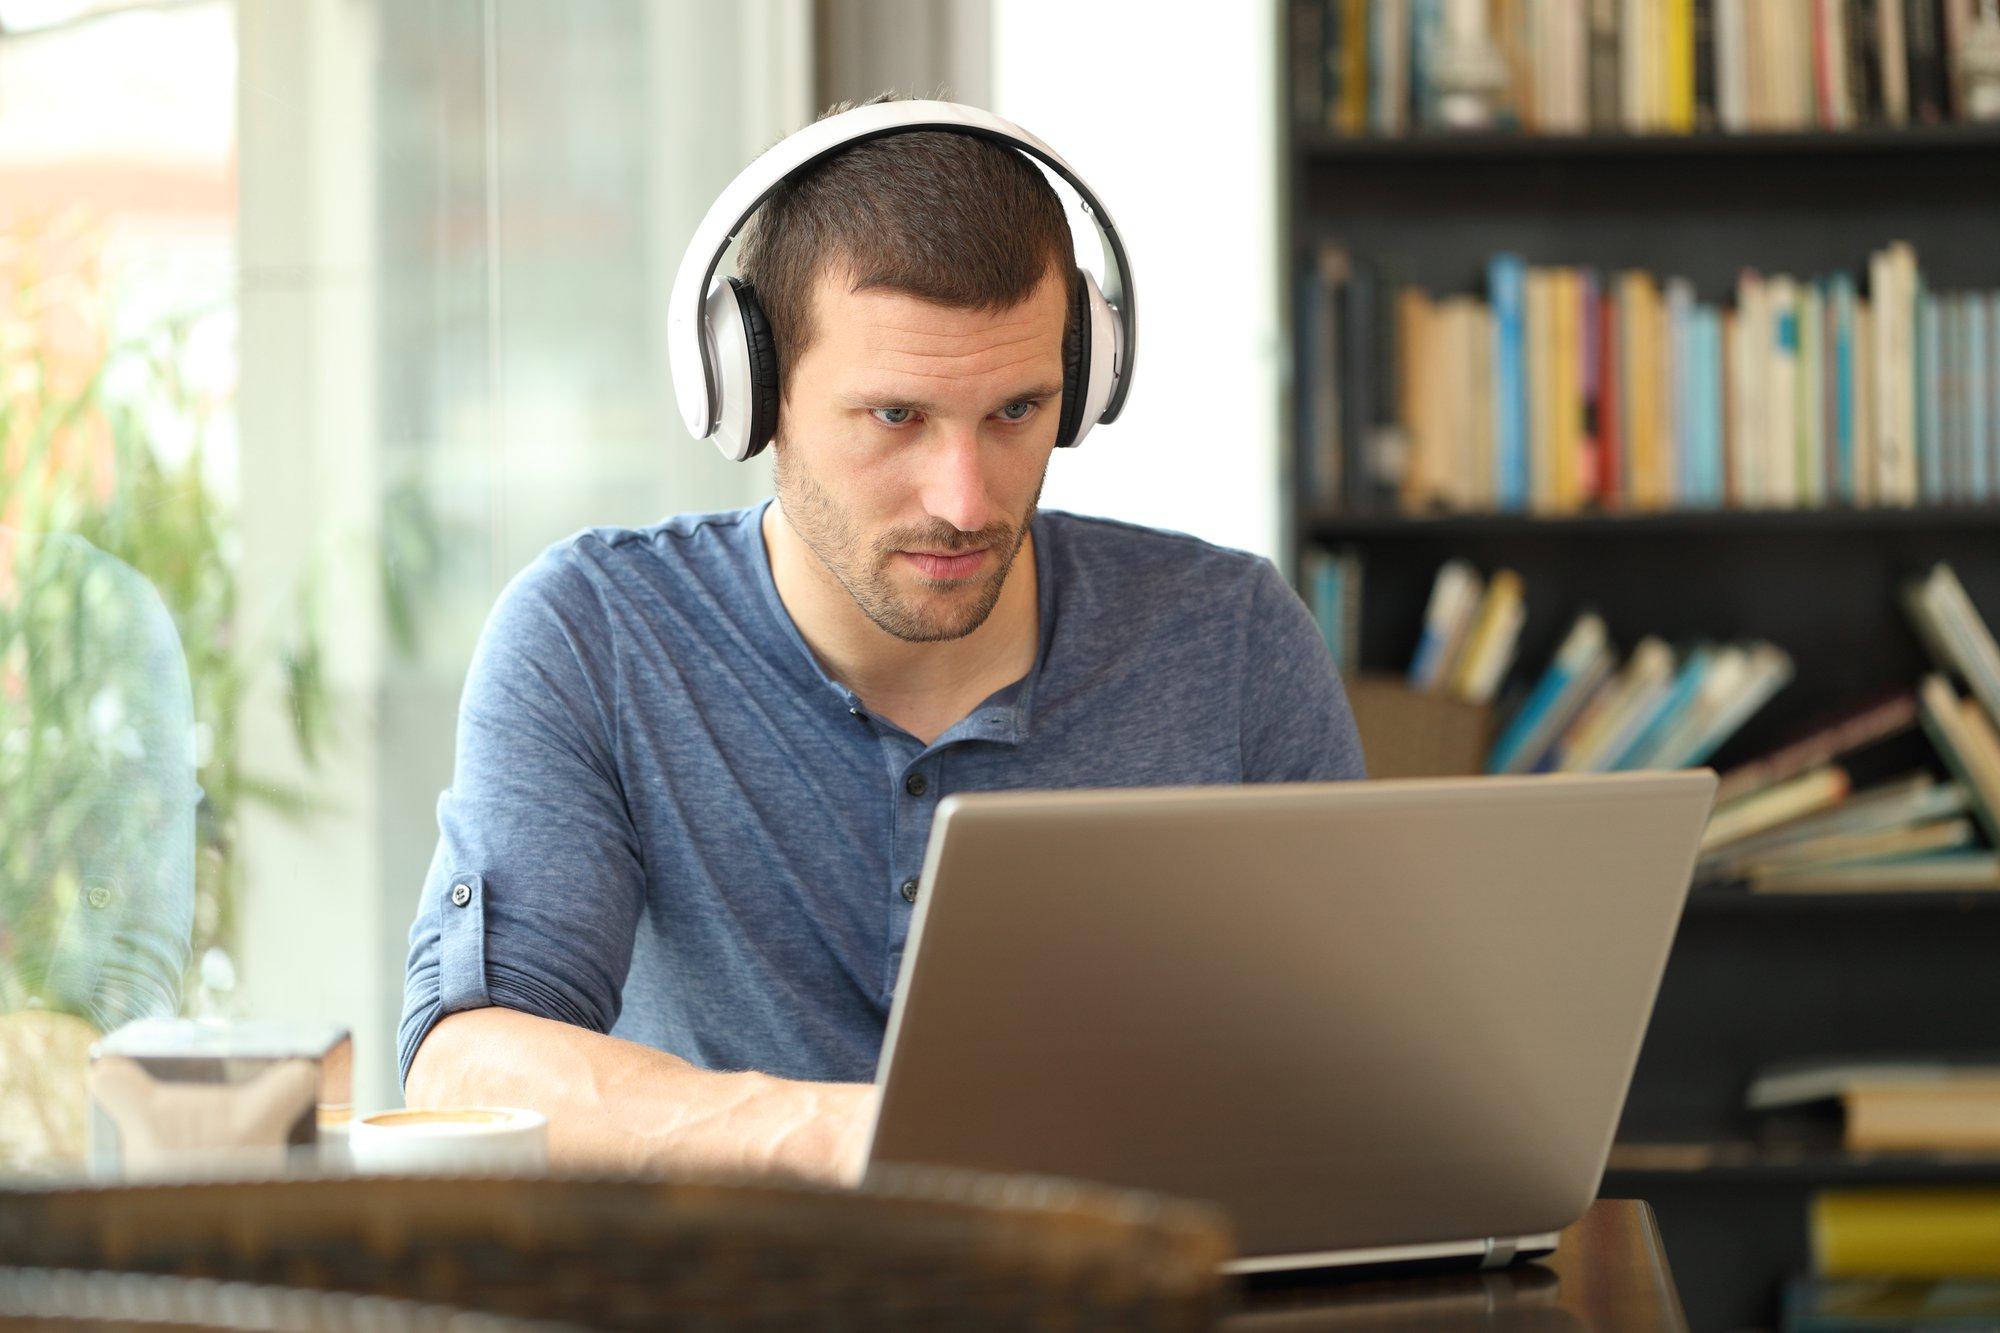 Online leren, makkelijker gezegd dan gedaan? Niet volgens deze deelnemer